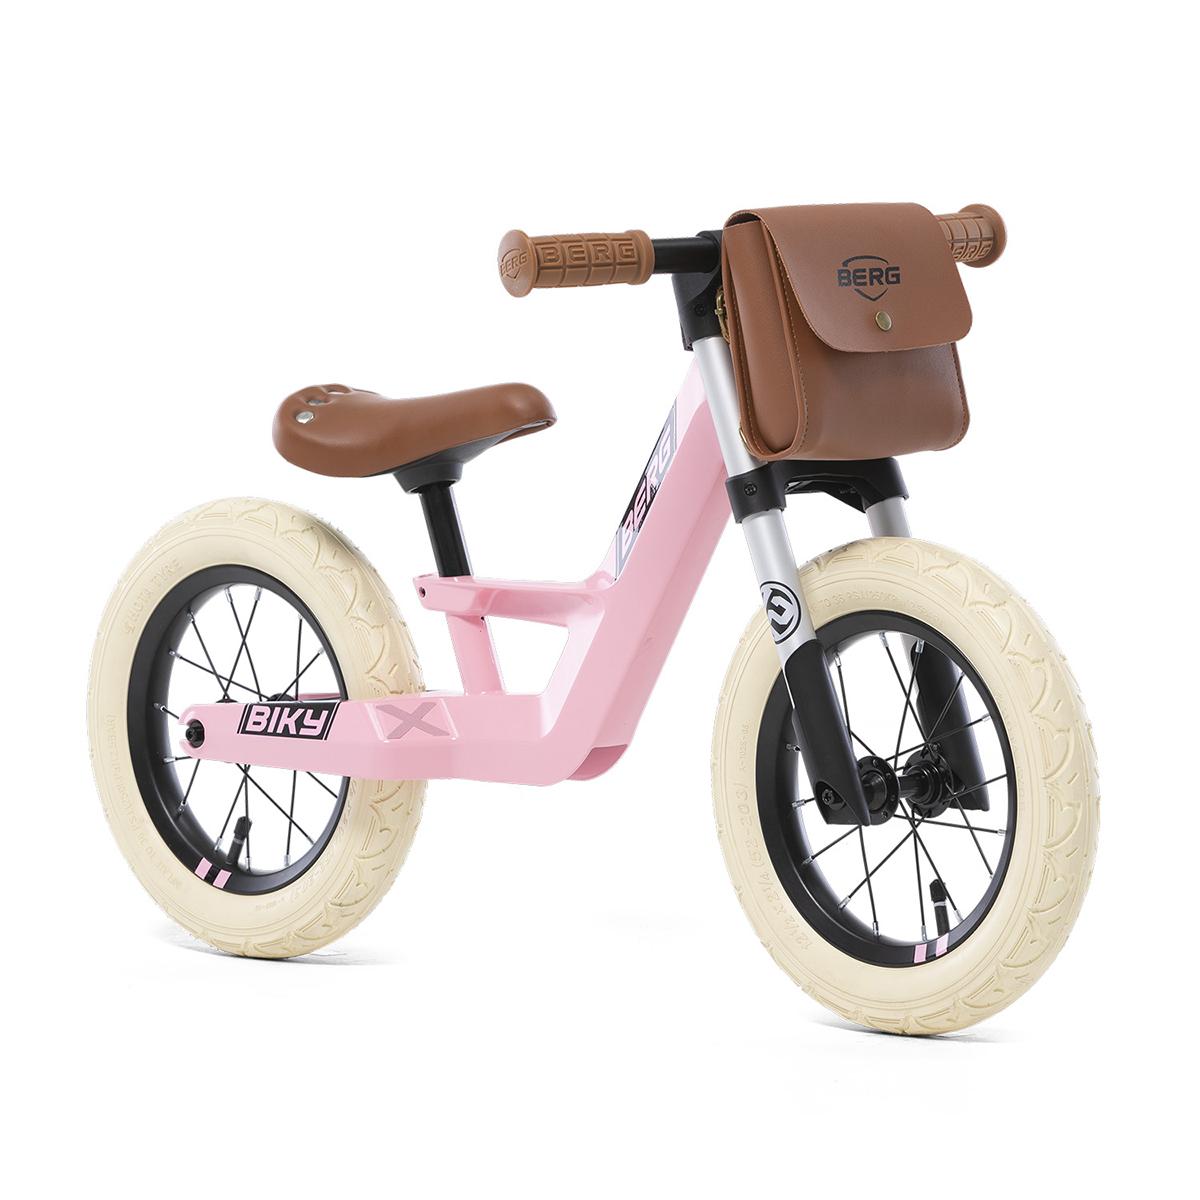 BERG_Biky_Retro_Pink_Slanted_Product_Image